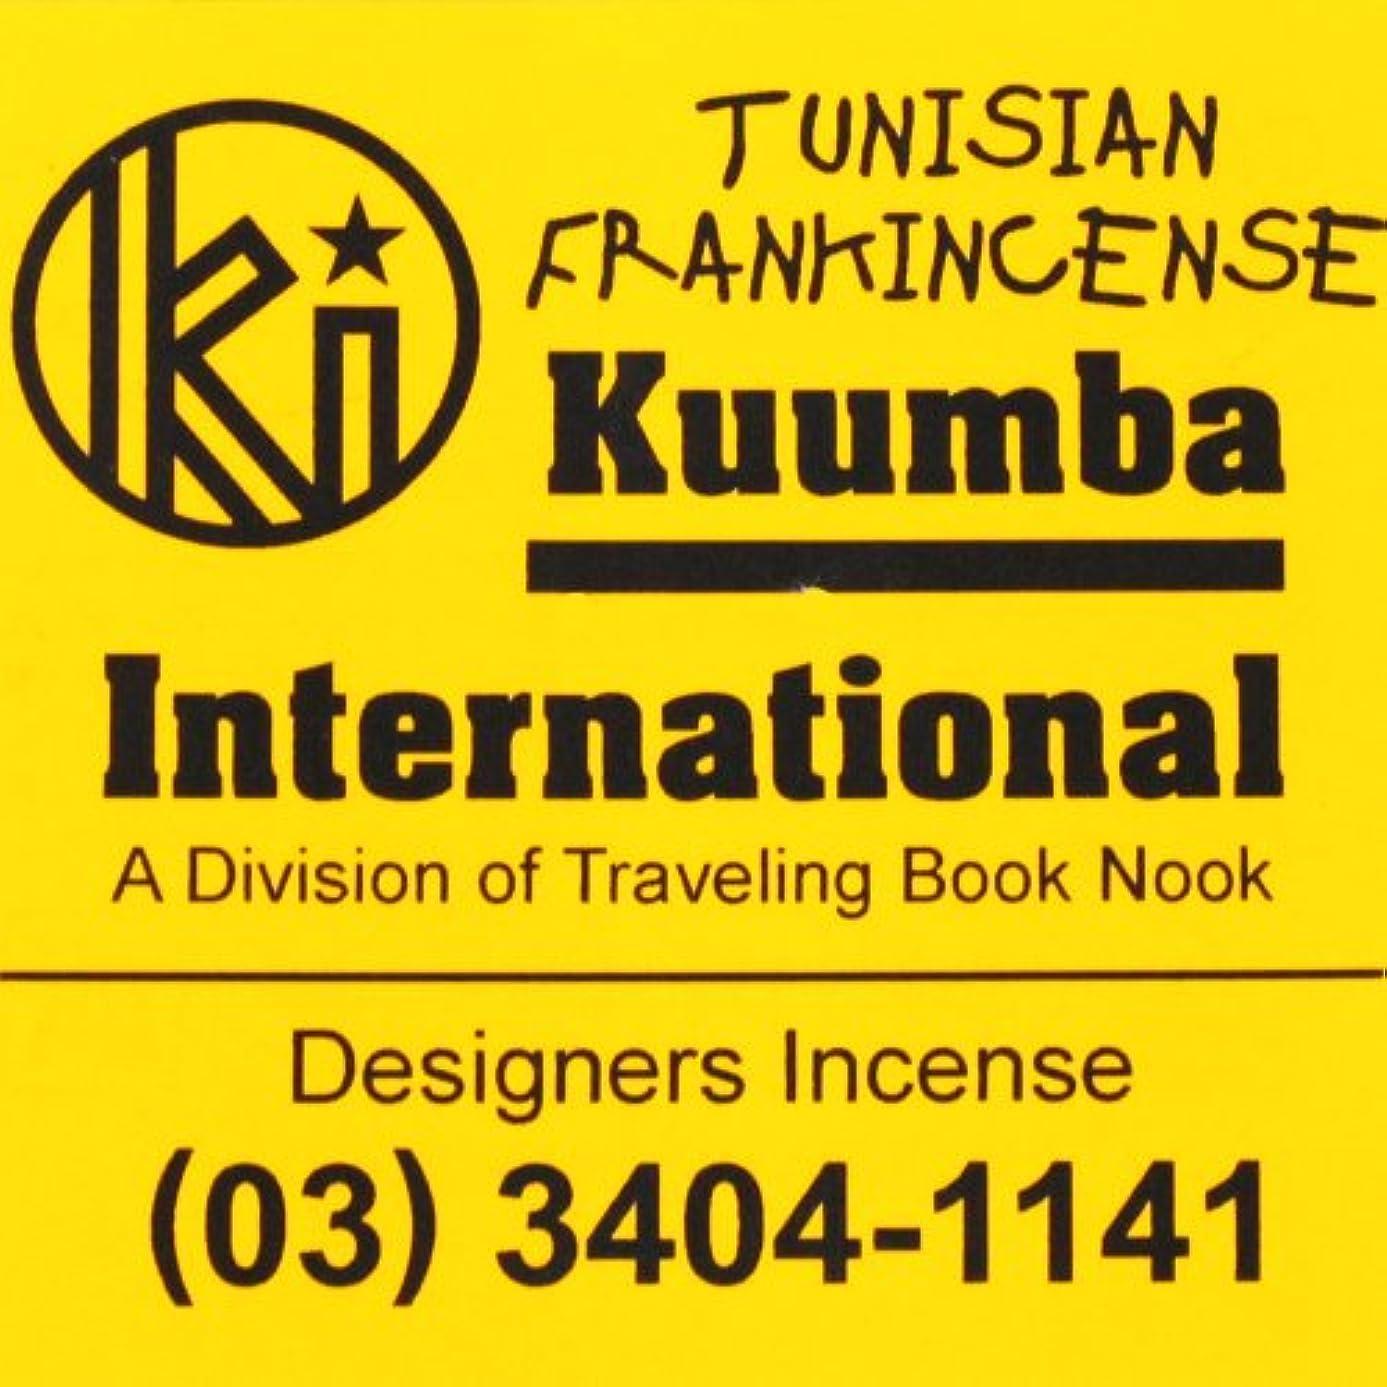 同盟雑草ブレス(クンバ) KUUMBA『classic regular incense』(TUNISIAN FRANKINCENSE) (Regular size)